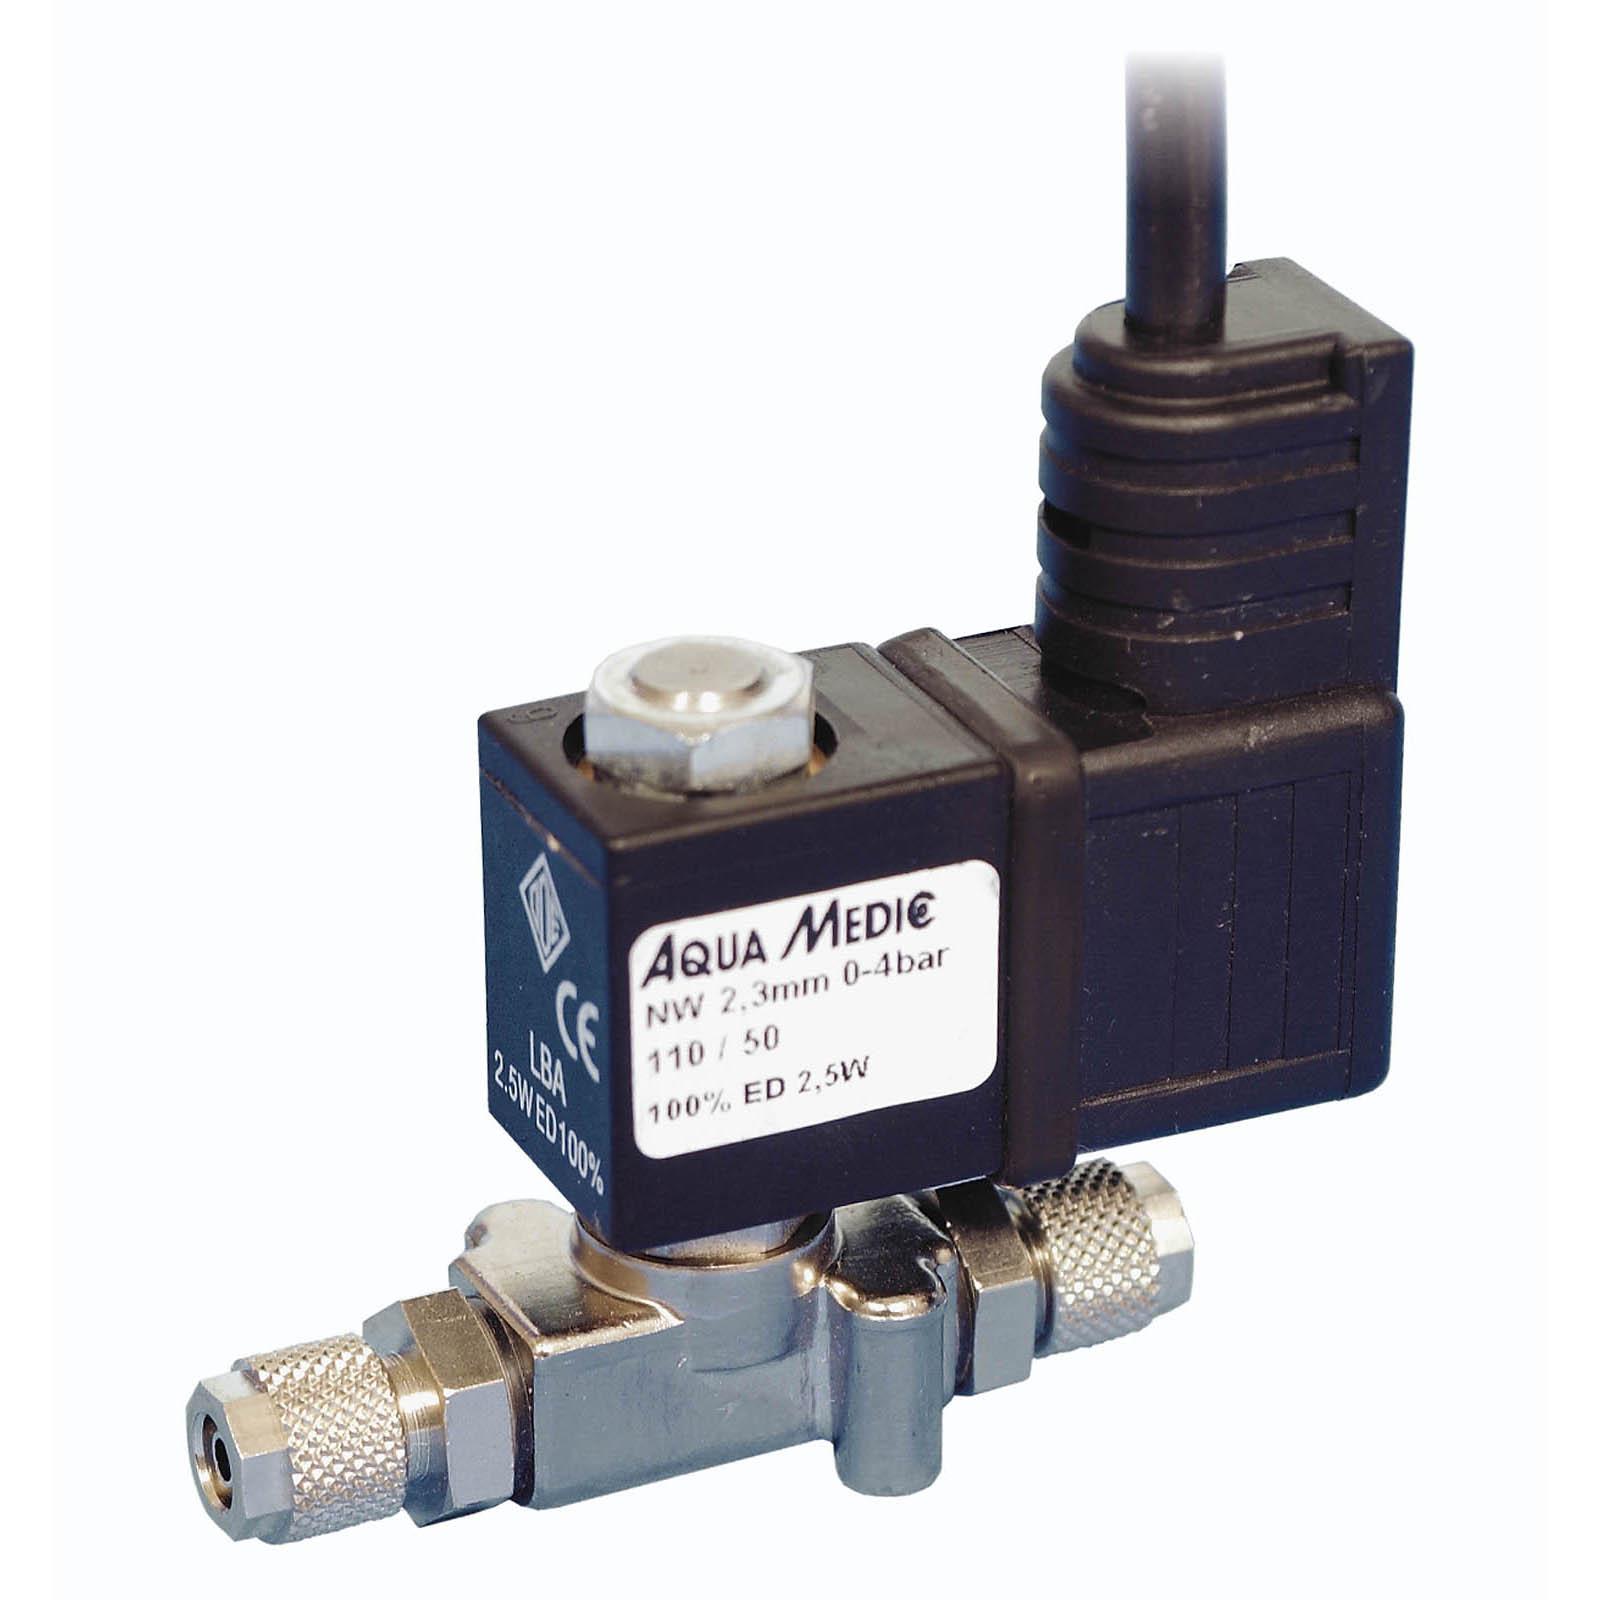 AQUA MEDIC M-ventil Standard électrovanne spéciale CO2 pour tuyaux 6 mm